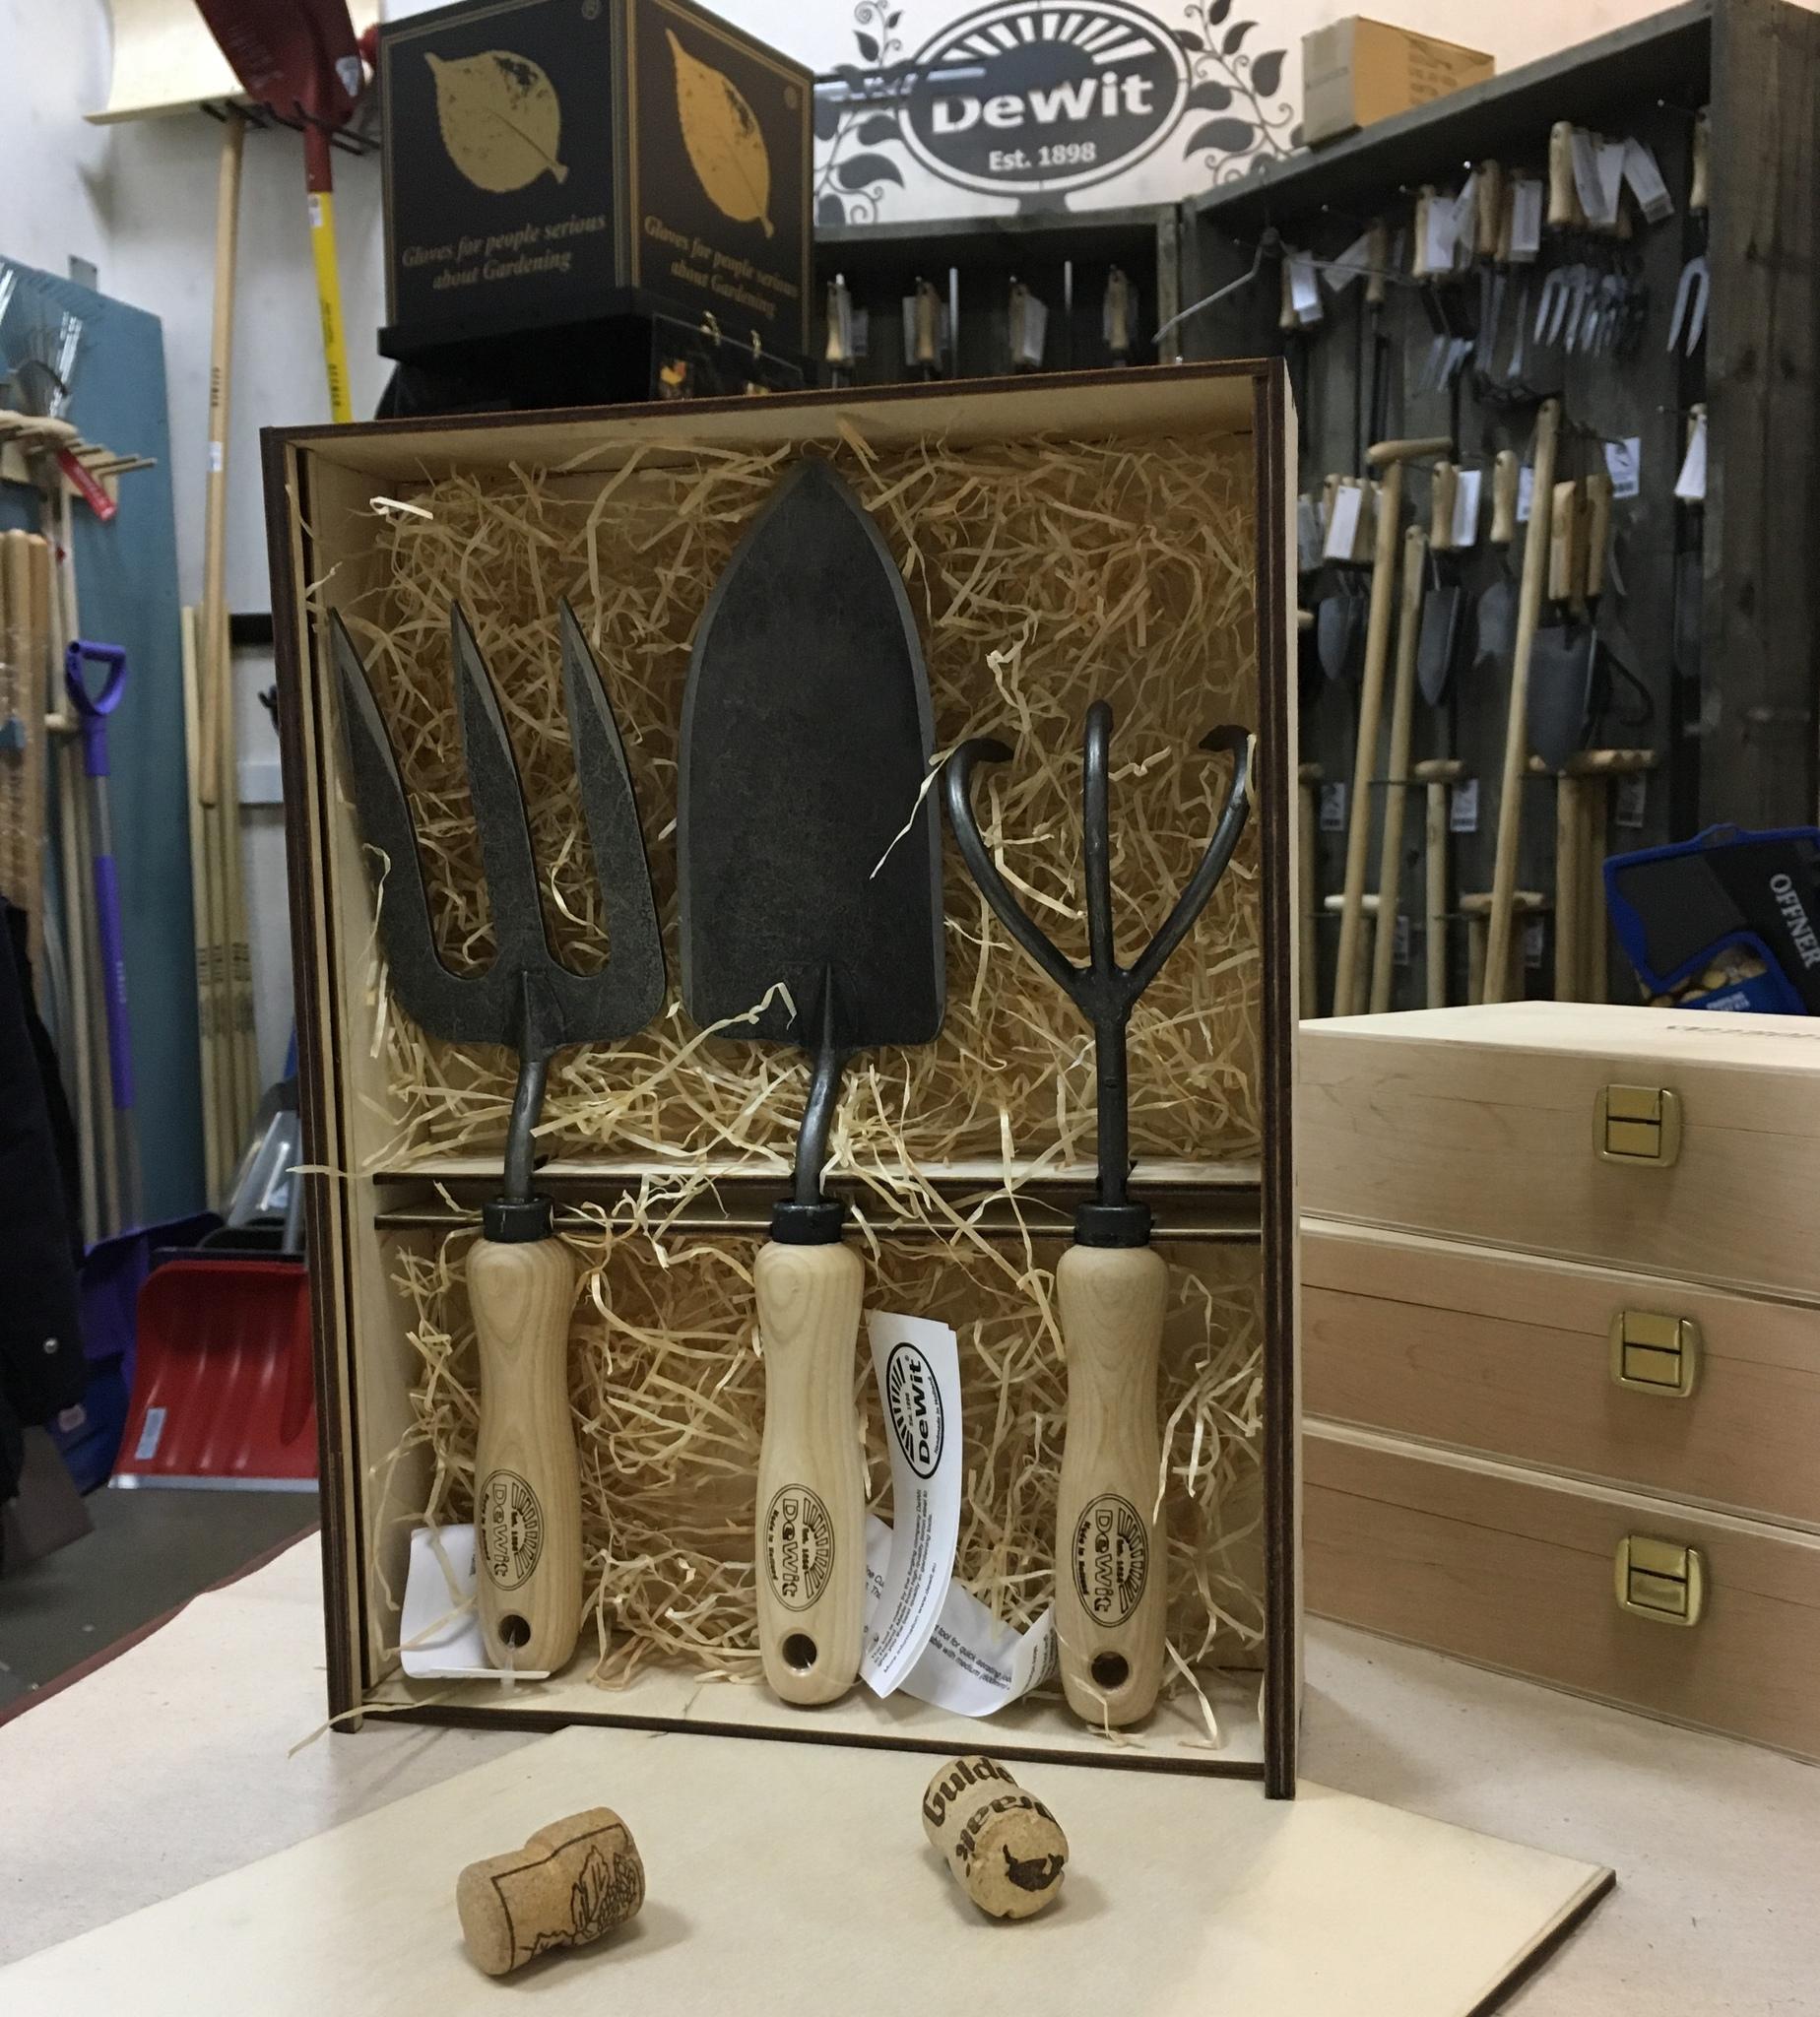 Набор садовых инструментов DeWit  в подарочной коробке